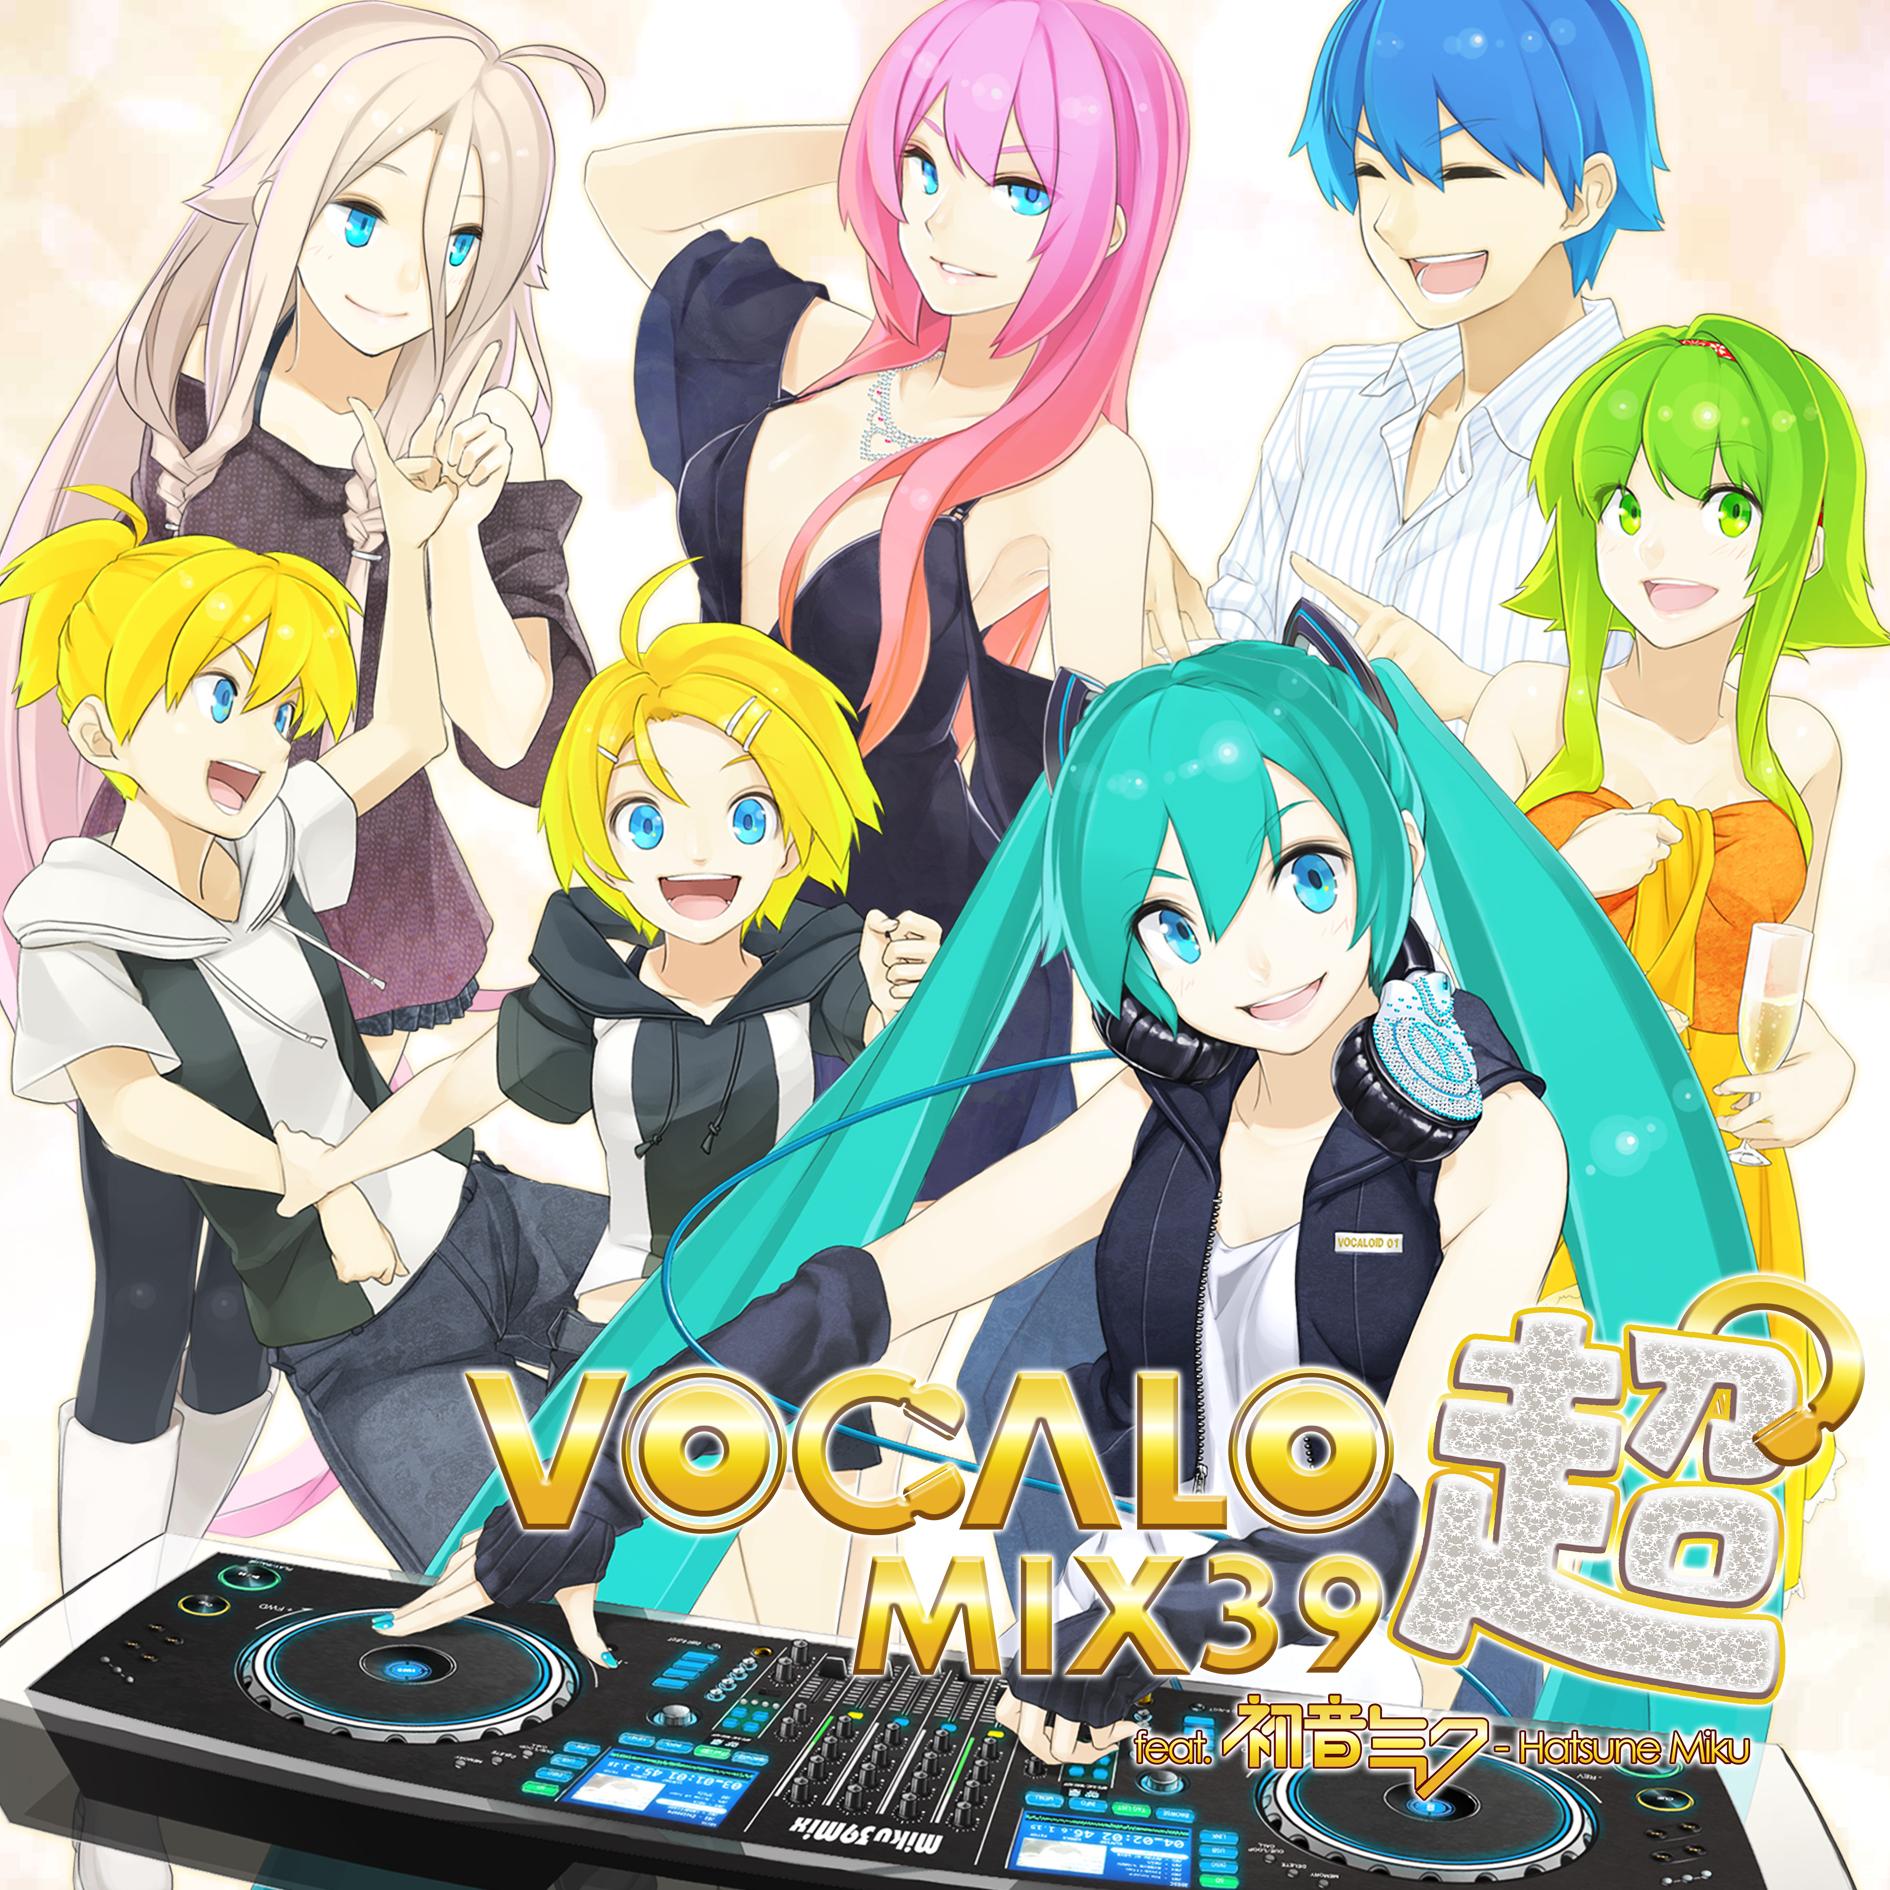 Vocalo Choumix feat. Hatsune Miku